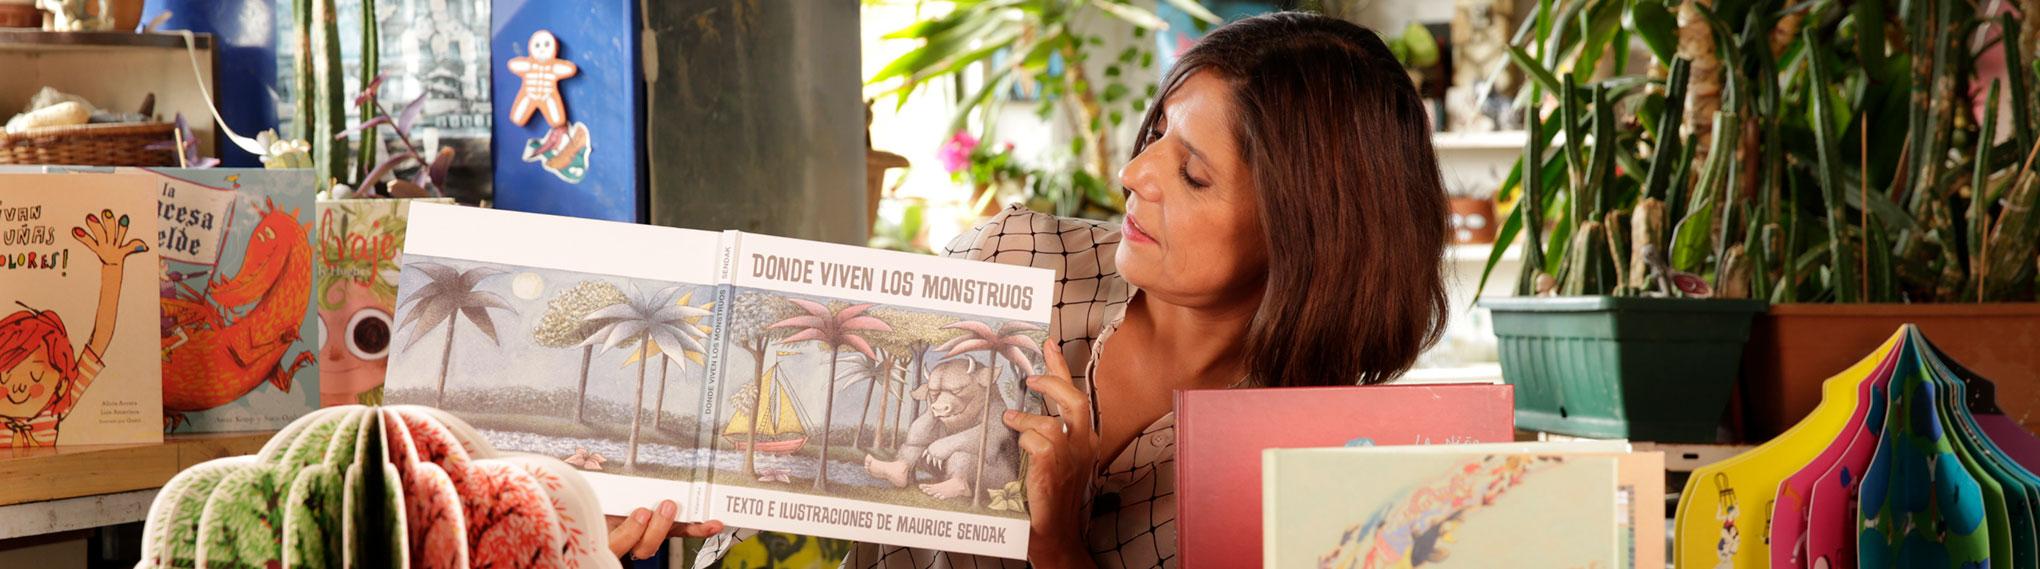 Entrevista a Alejandra Hurtado directora del Programa de Cuentacuentos de la Fundación Mustakis